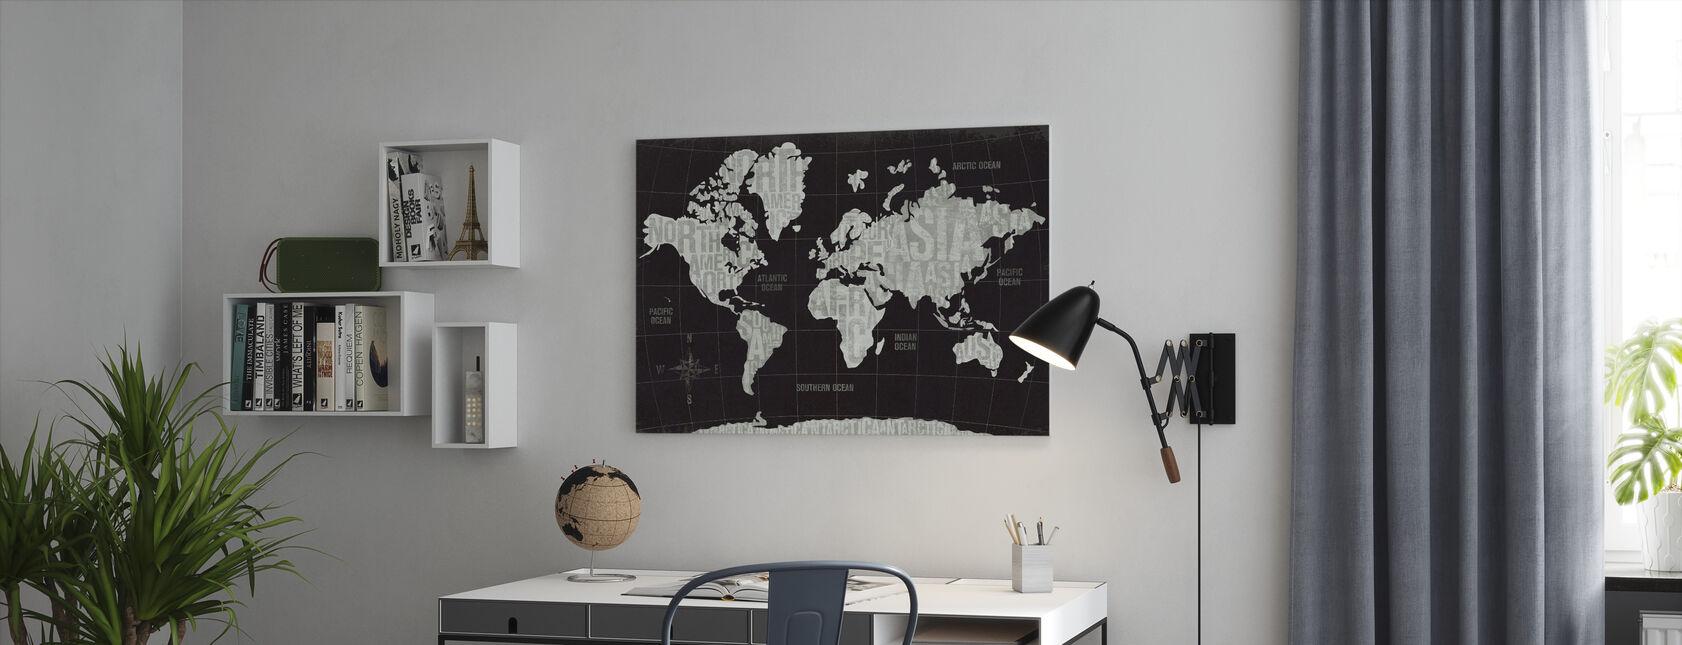 Moderni maailma musta - Canvastaulu - Toimisto